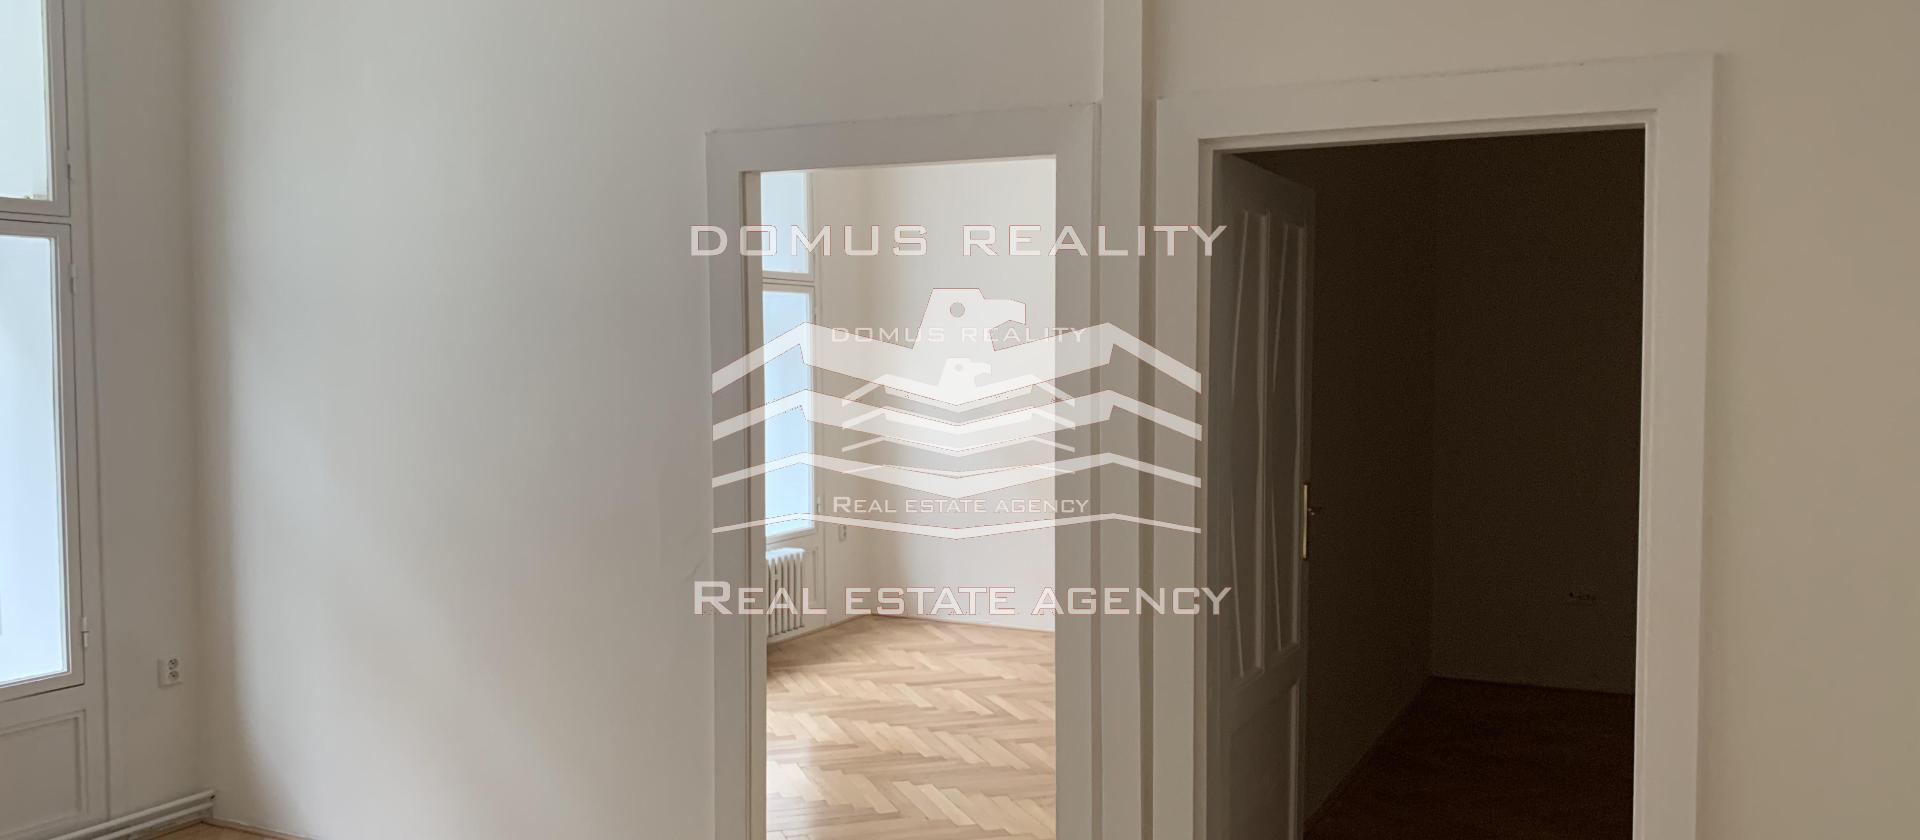 Nabízíme k pronájmu reprezentativní a zrekonstruovanou kancelář 3+1 o užitné velikosti 96 m² ve vyhledávané lokalitě na Praze 1.